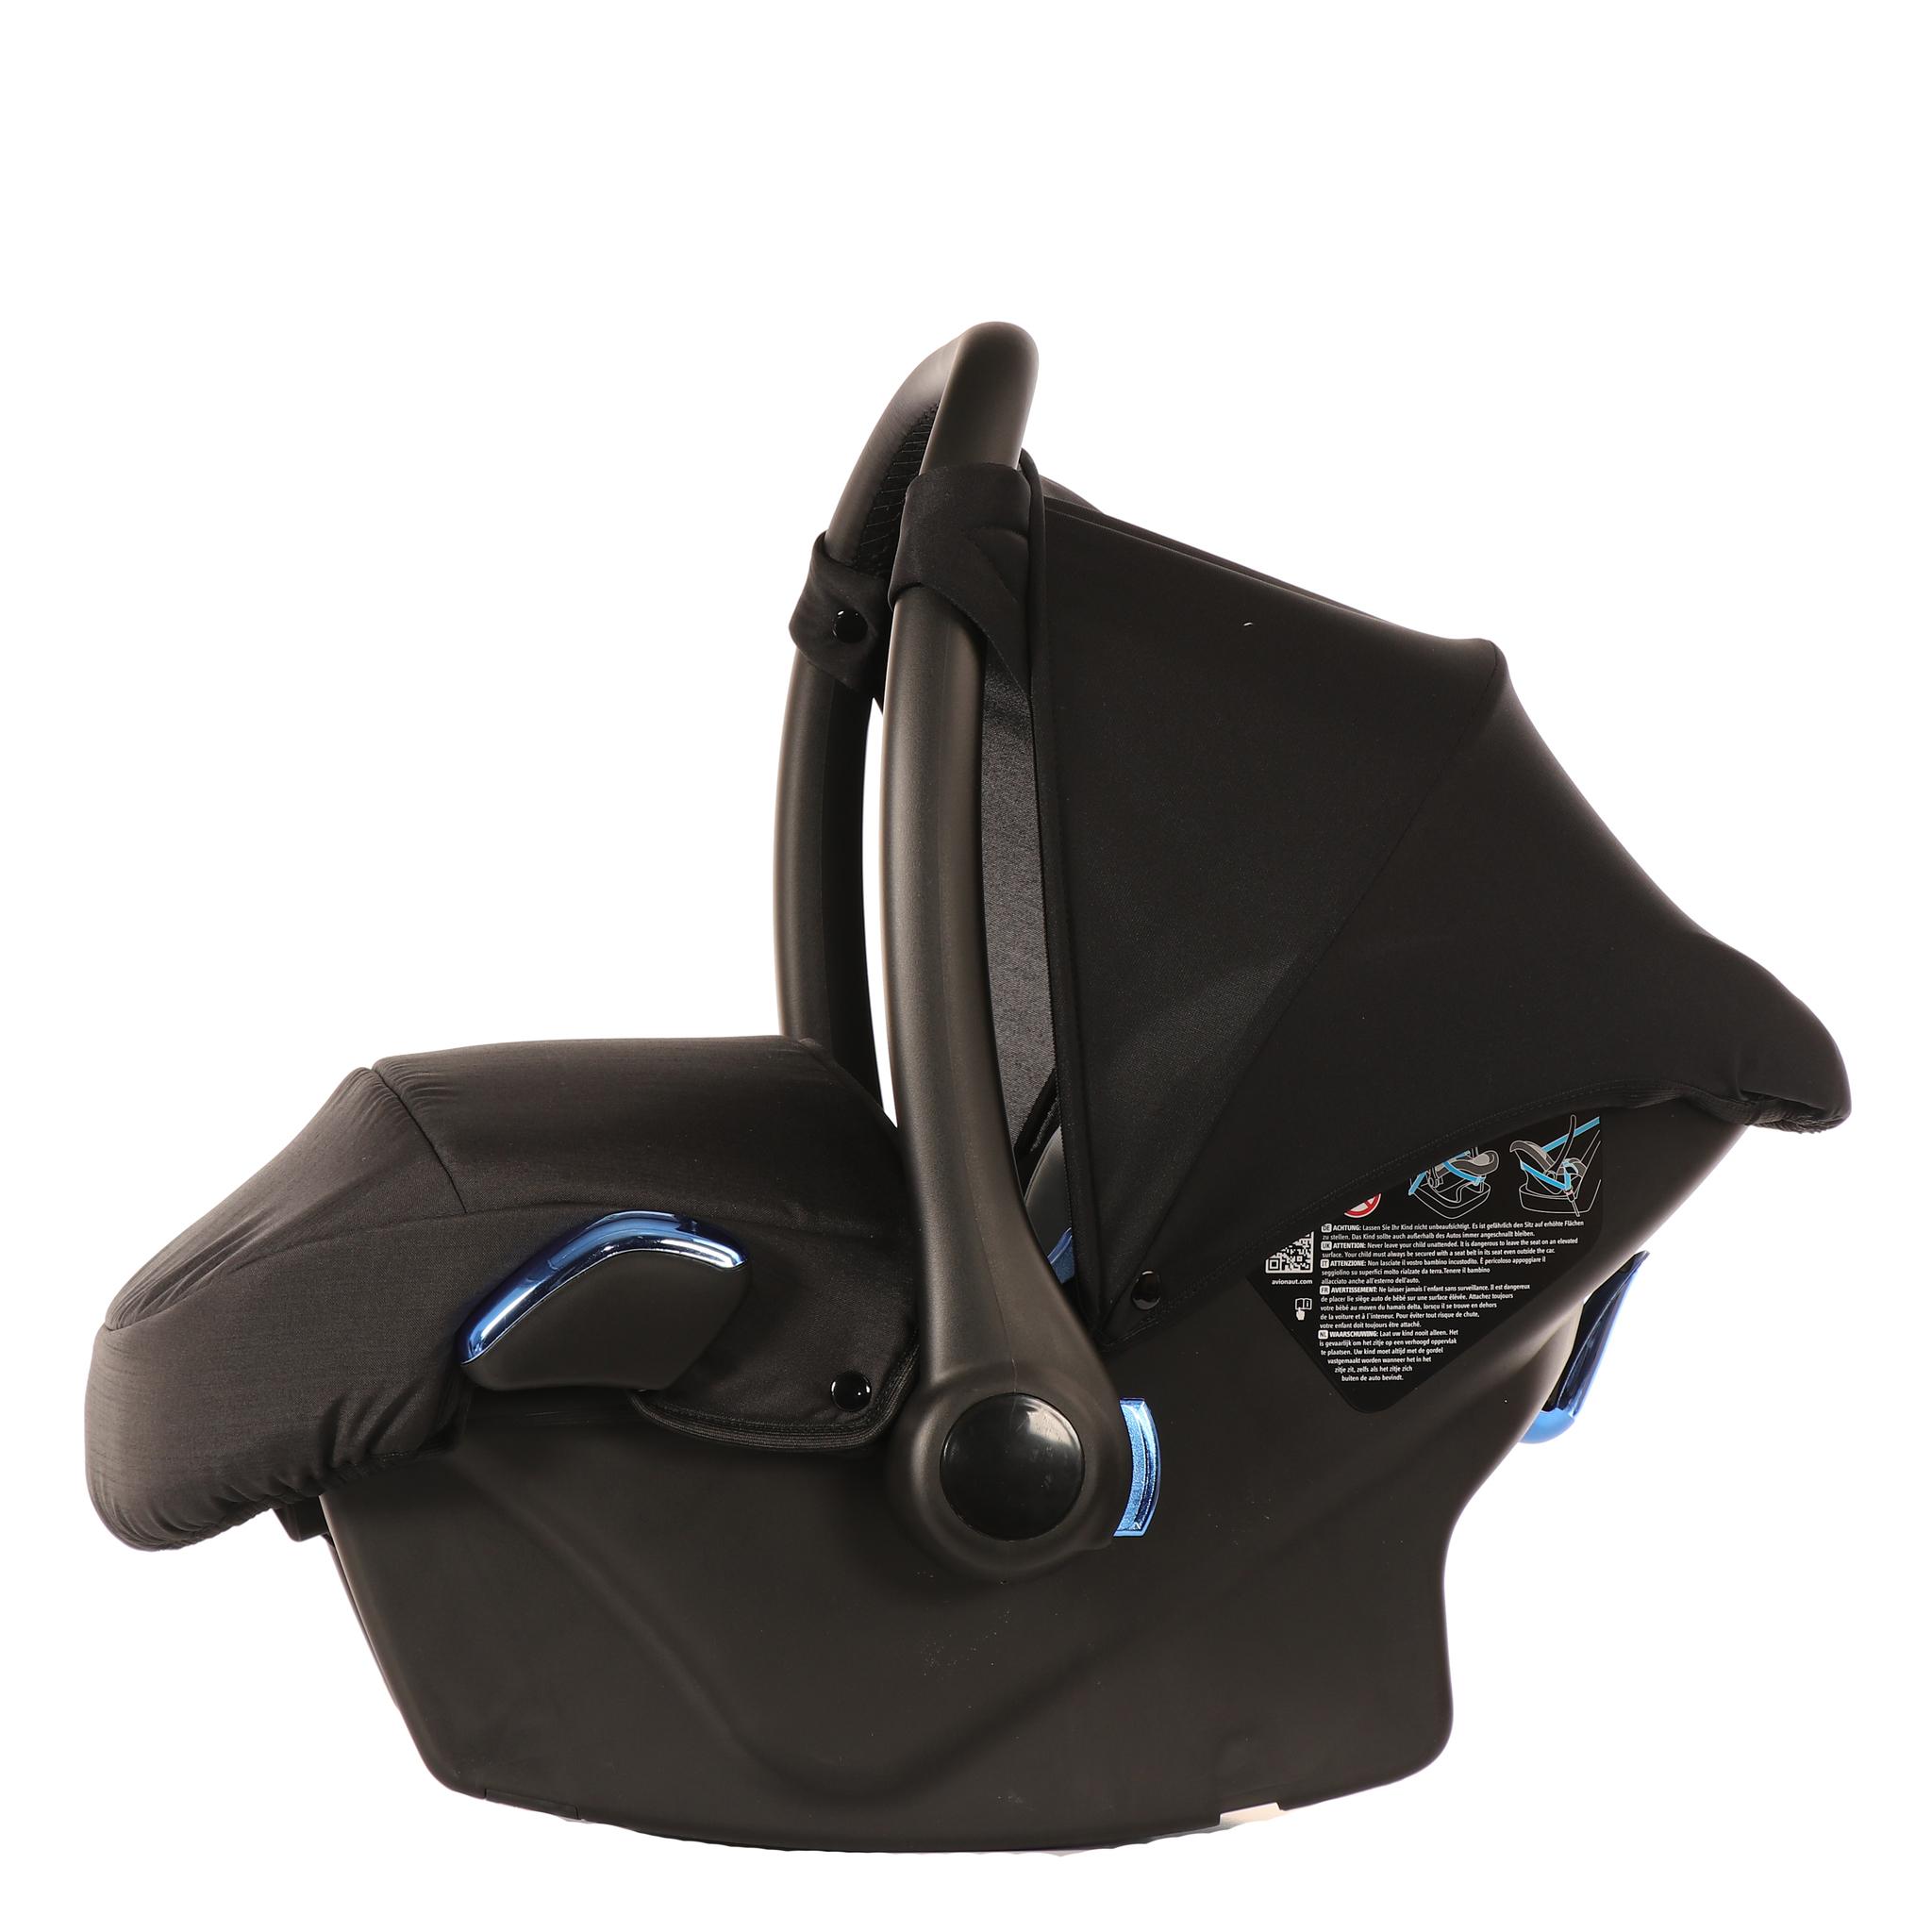 JUNAMA Автокресло JUNAMA (Ткань) черное с синим  AJ-I02 AJ-I02_черный-_синий.JPG